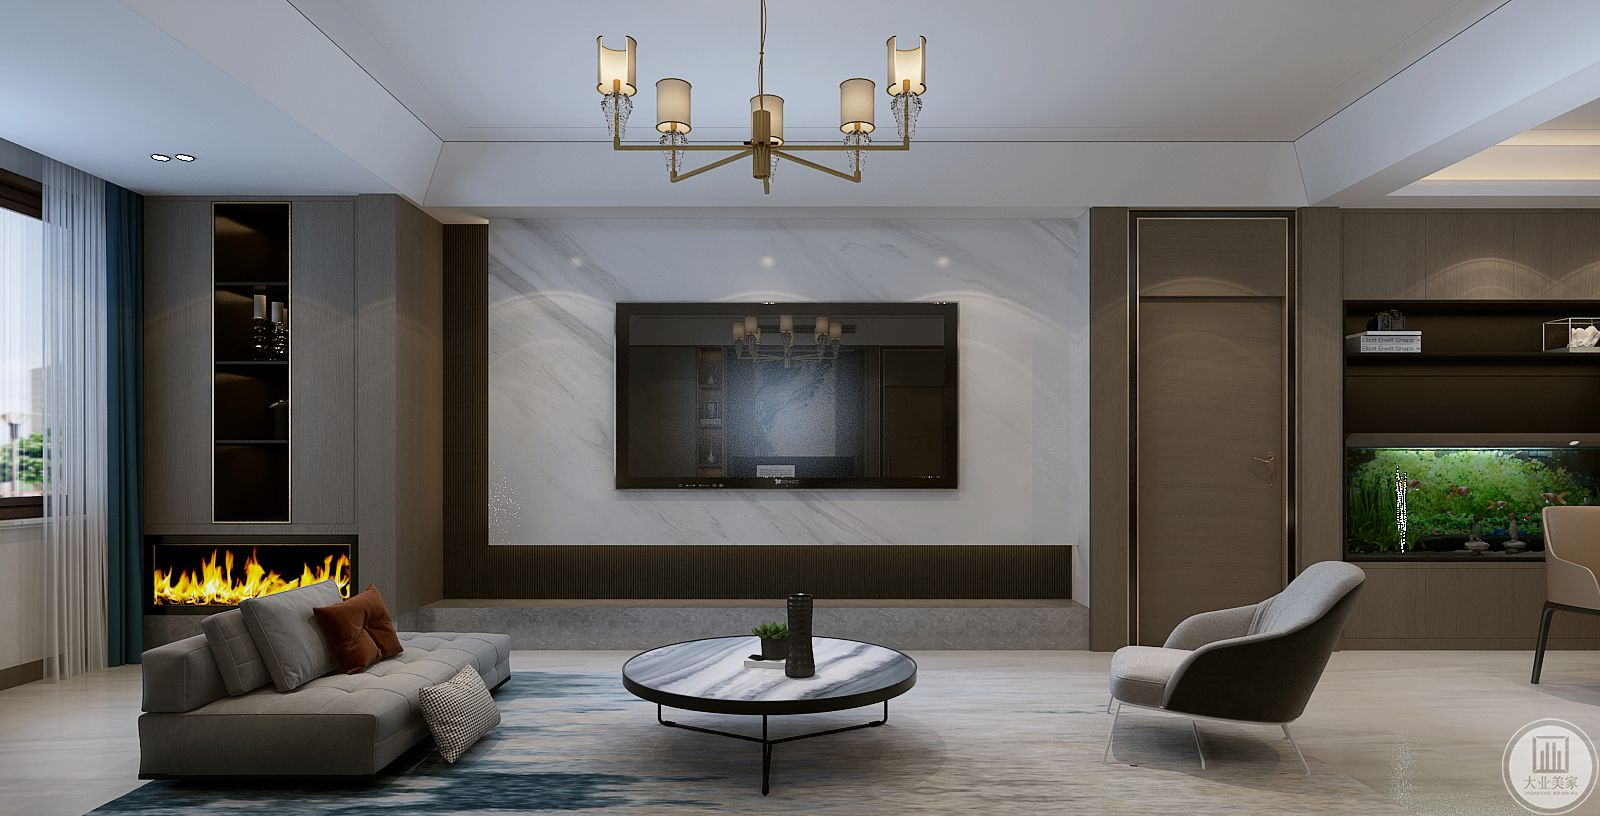 电视挂在影视墙上,影视墙采用瓷砖,电视下面增加大理石台面作为收纳。